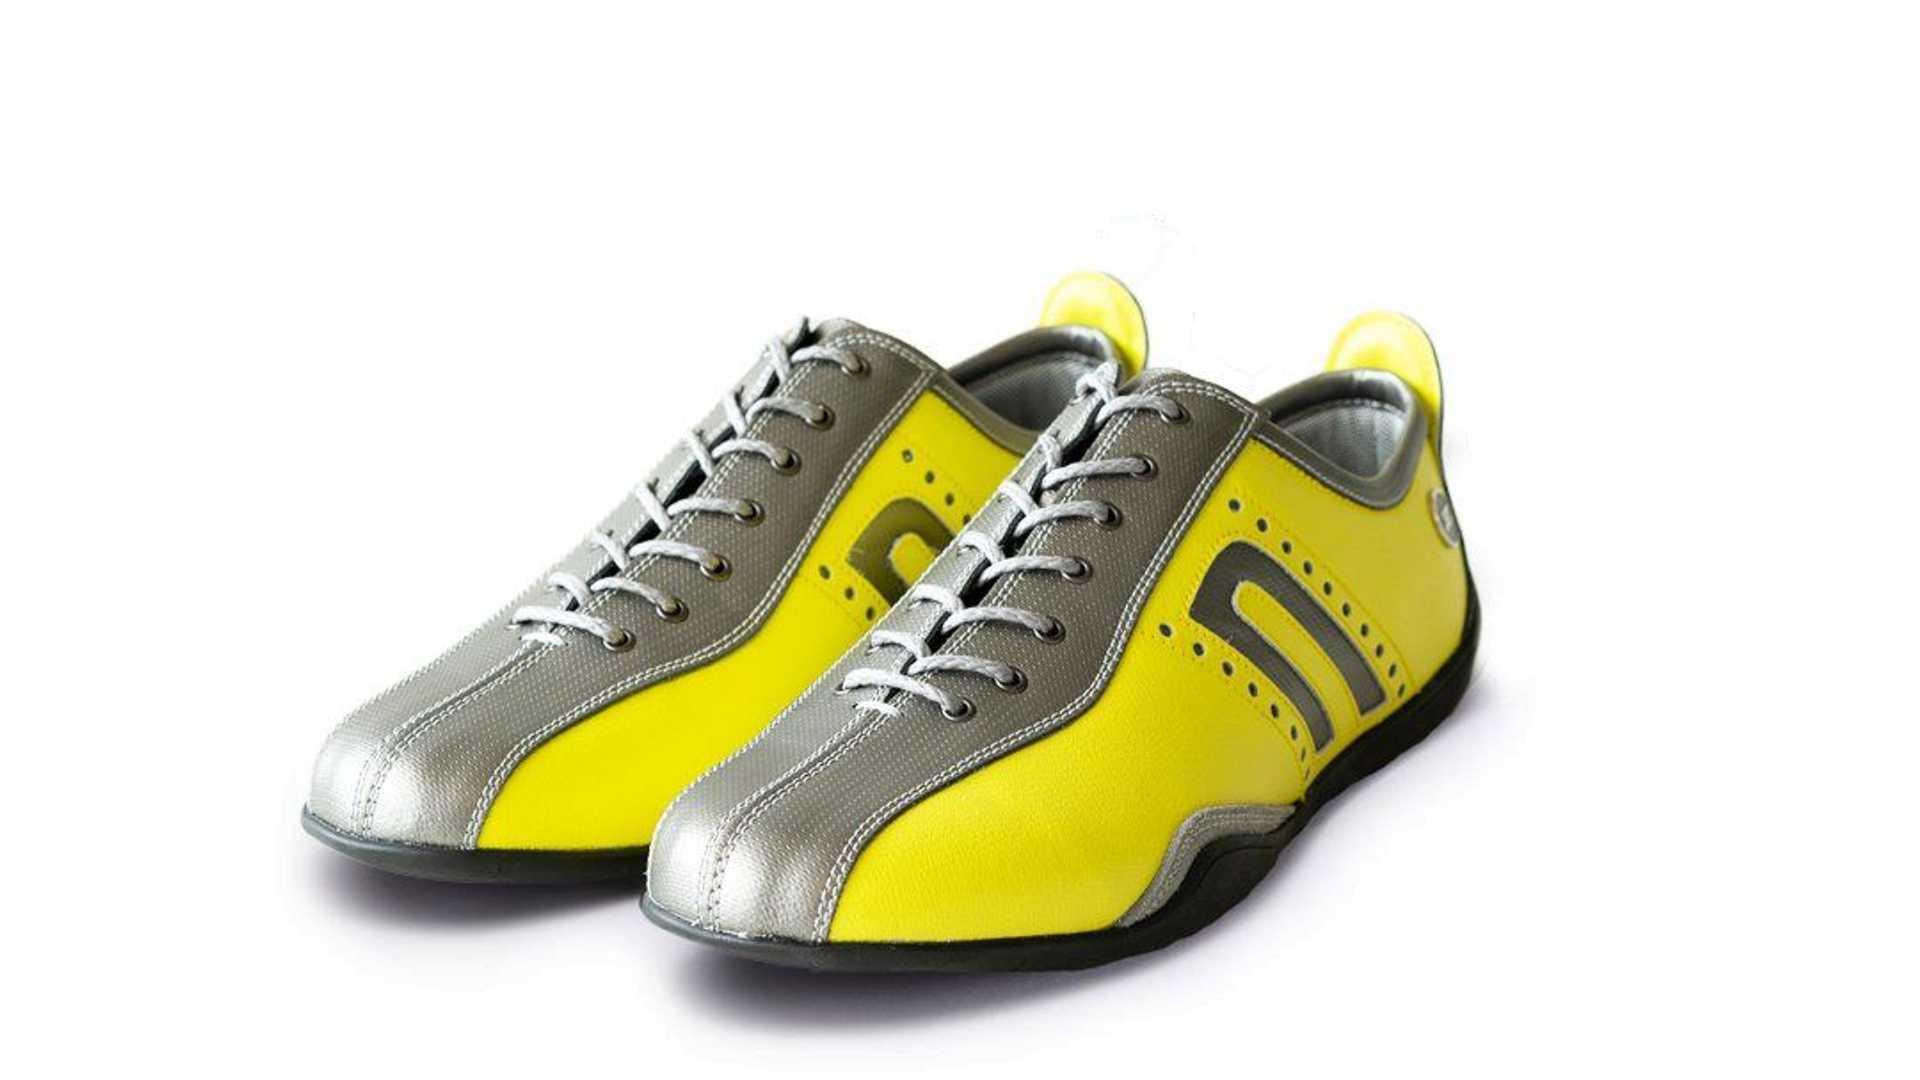 Negroni_Idea_Corsa-Nissan_Z_Shoes-0004